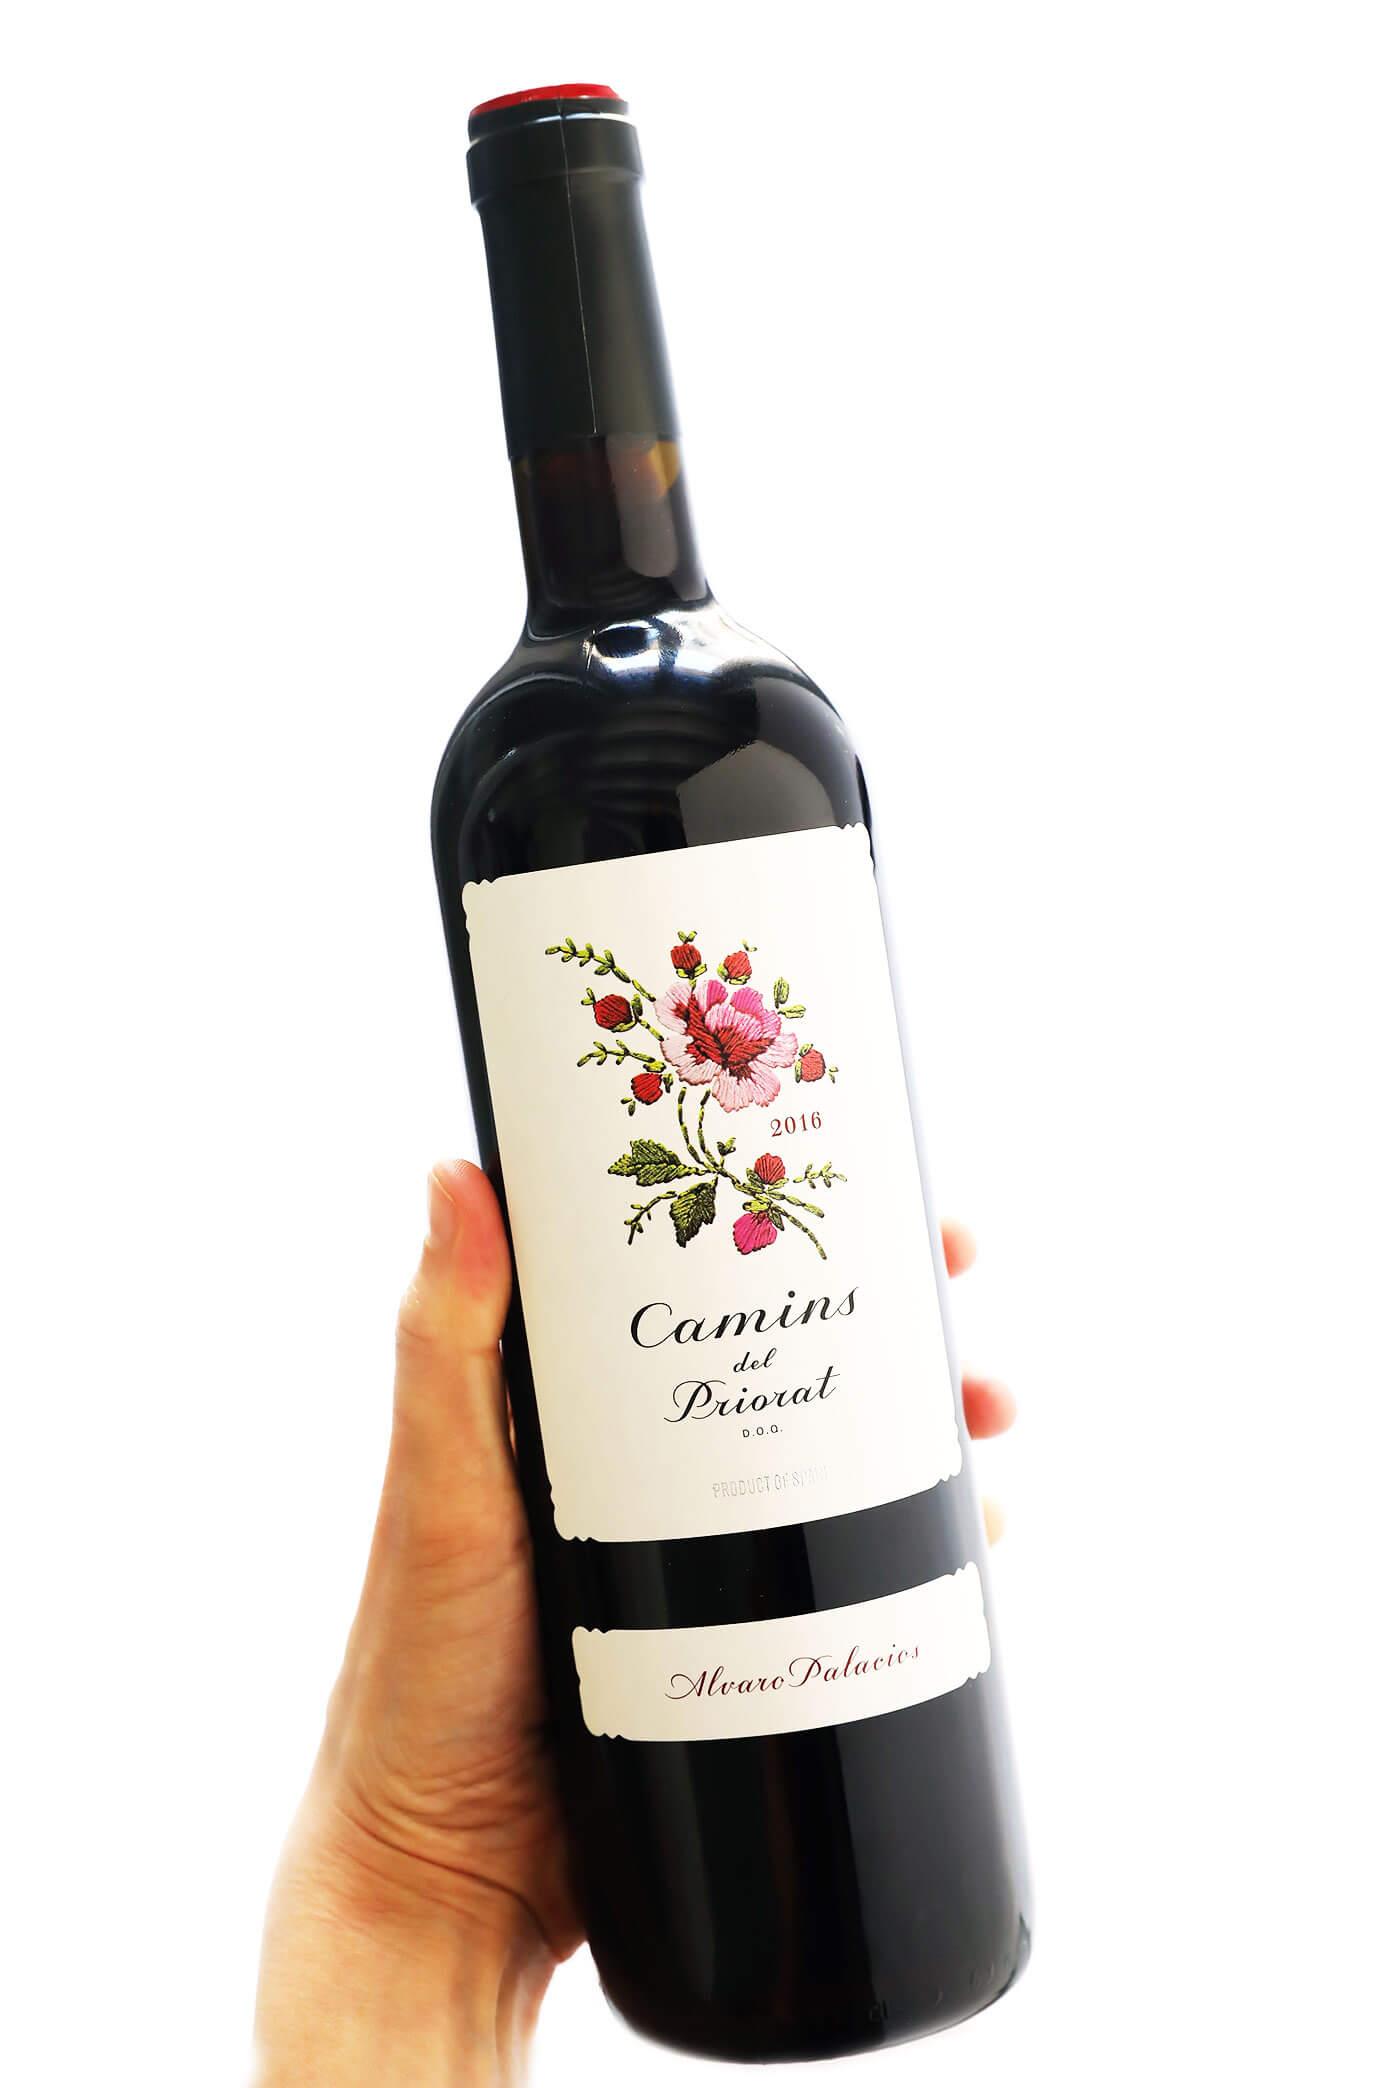 Spanish Priorat Wine